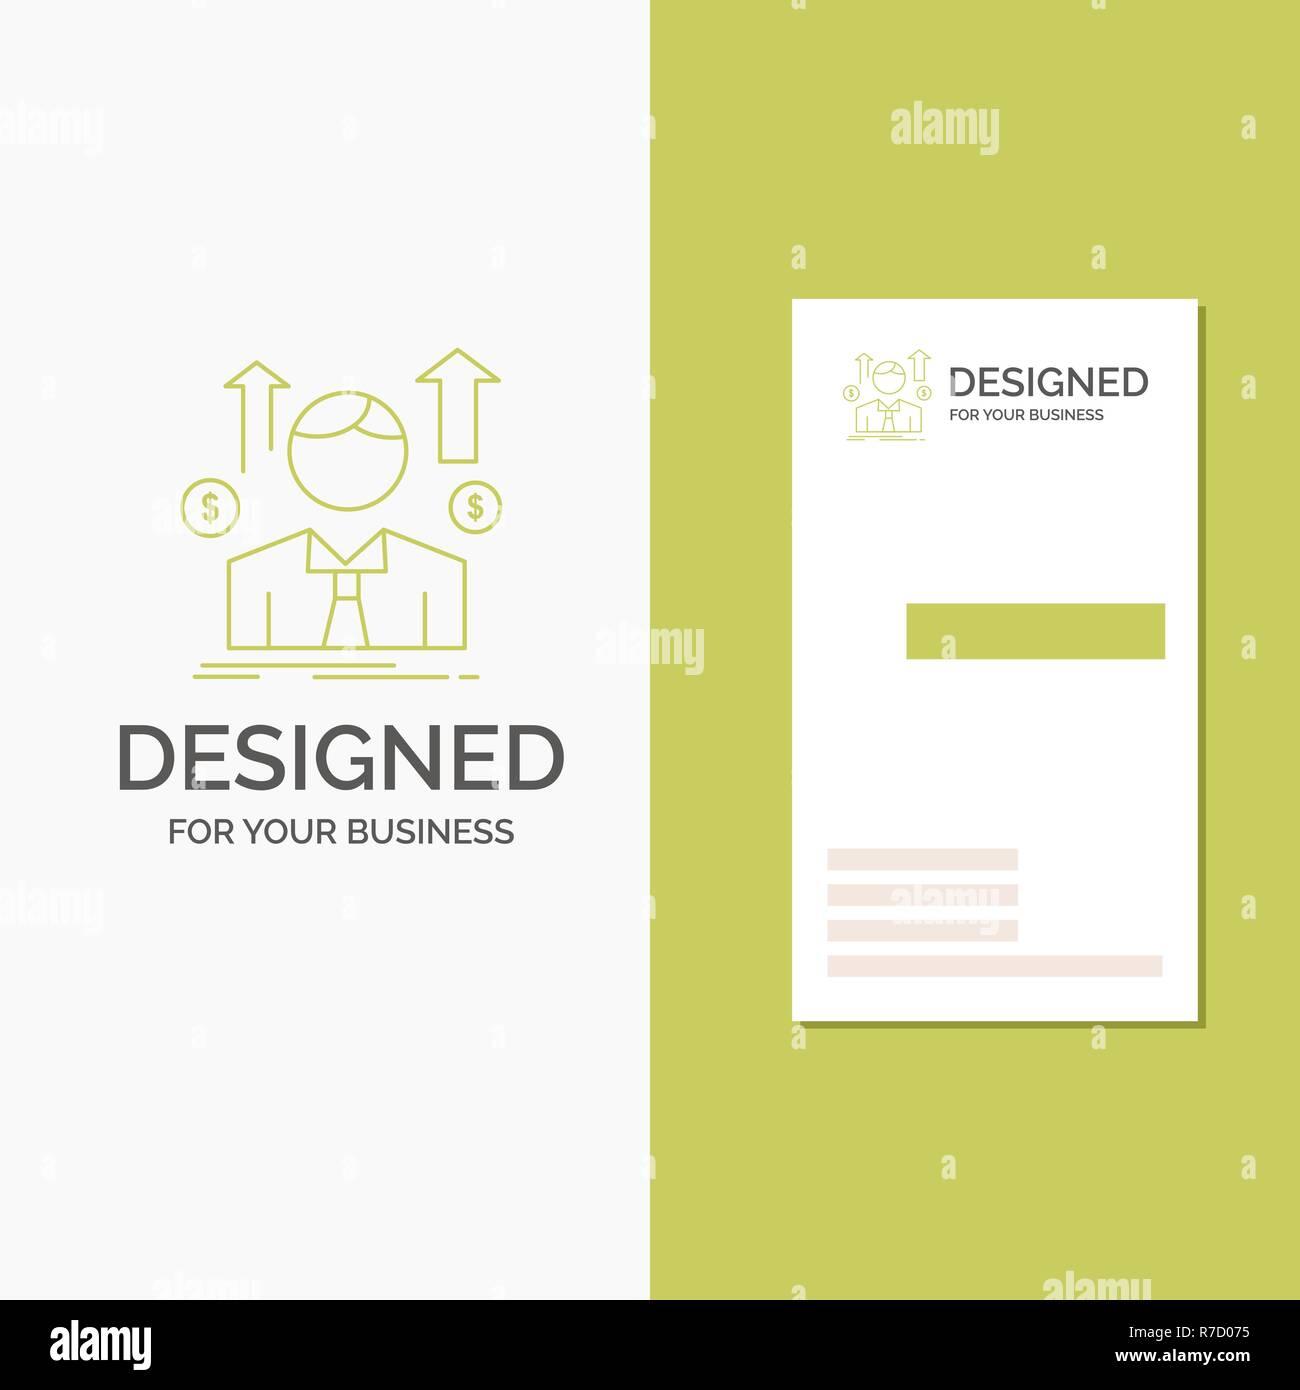 Logo Dentreprise Pour Les Entreprises Lhomme Avatar Employe Dhomme Lentreprise Verte Verticale Modele De Carte Visite Vecteur Fond Creatif